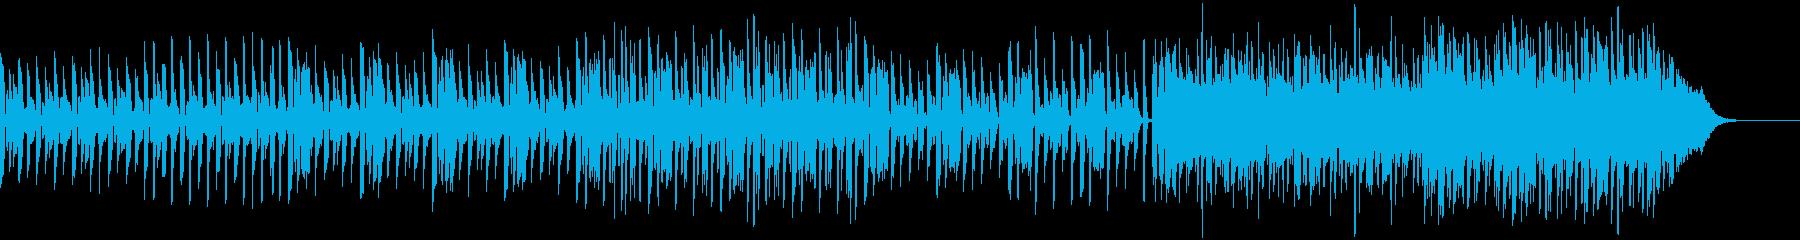 ドキュメンタリー向けハッピーなBGMの再生済みの波形